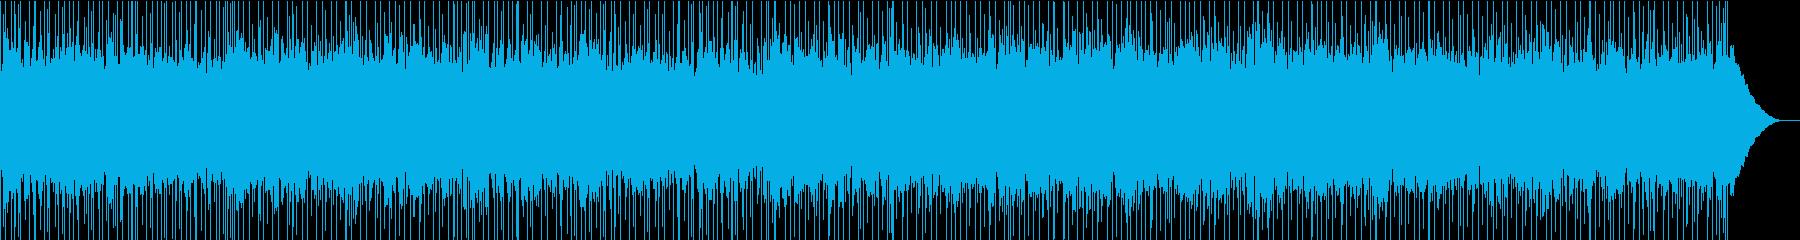 ポップインスタンス明るいジャングリ...の再生済みの波形